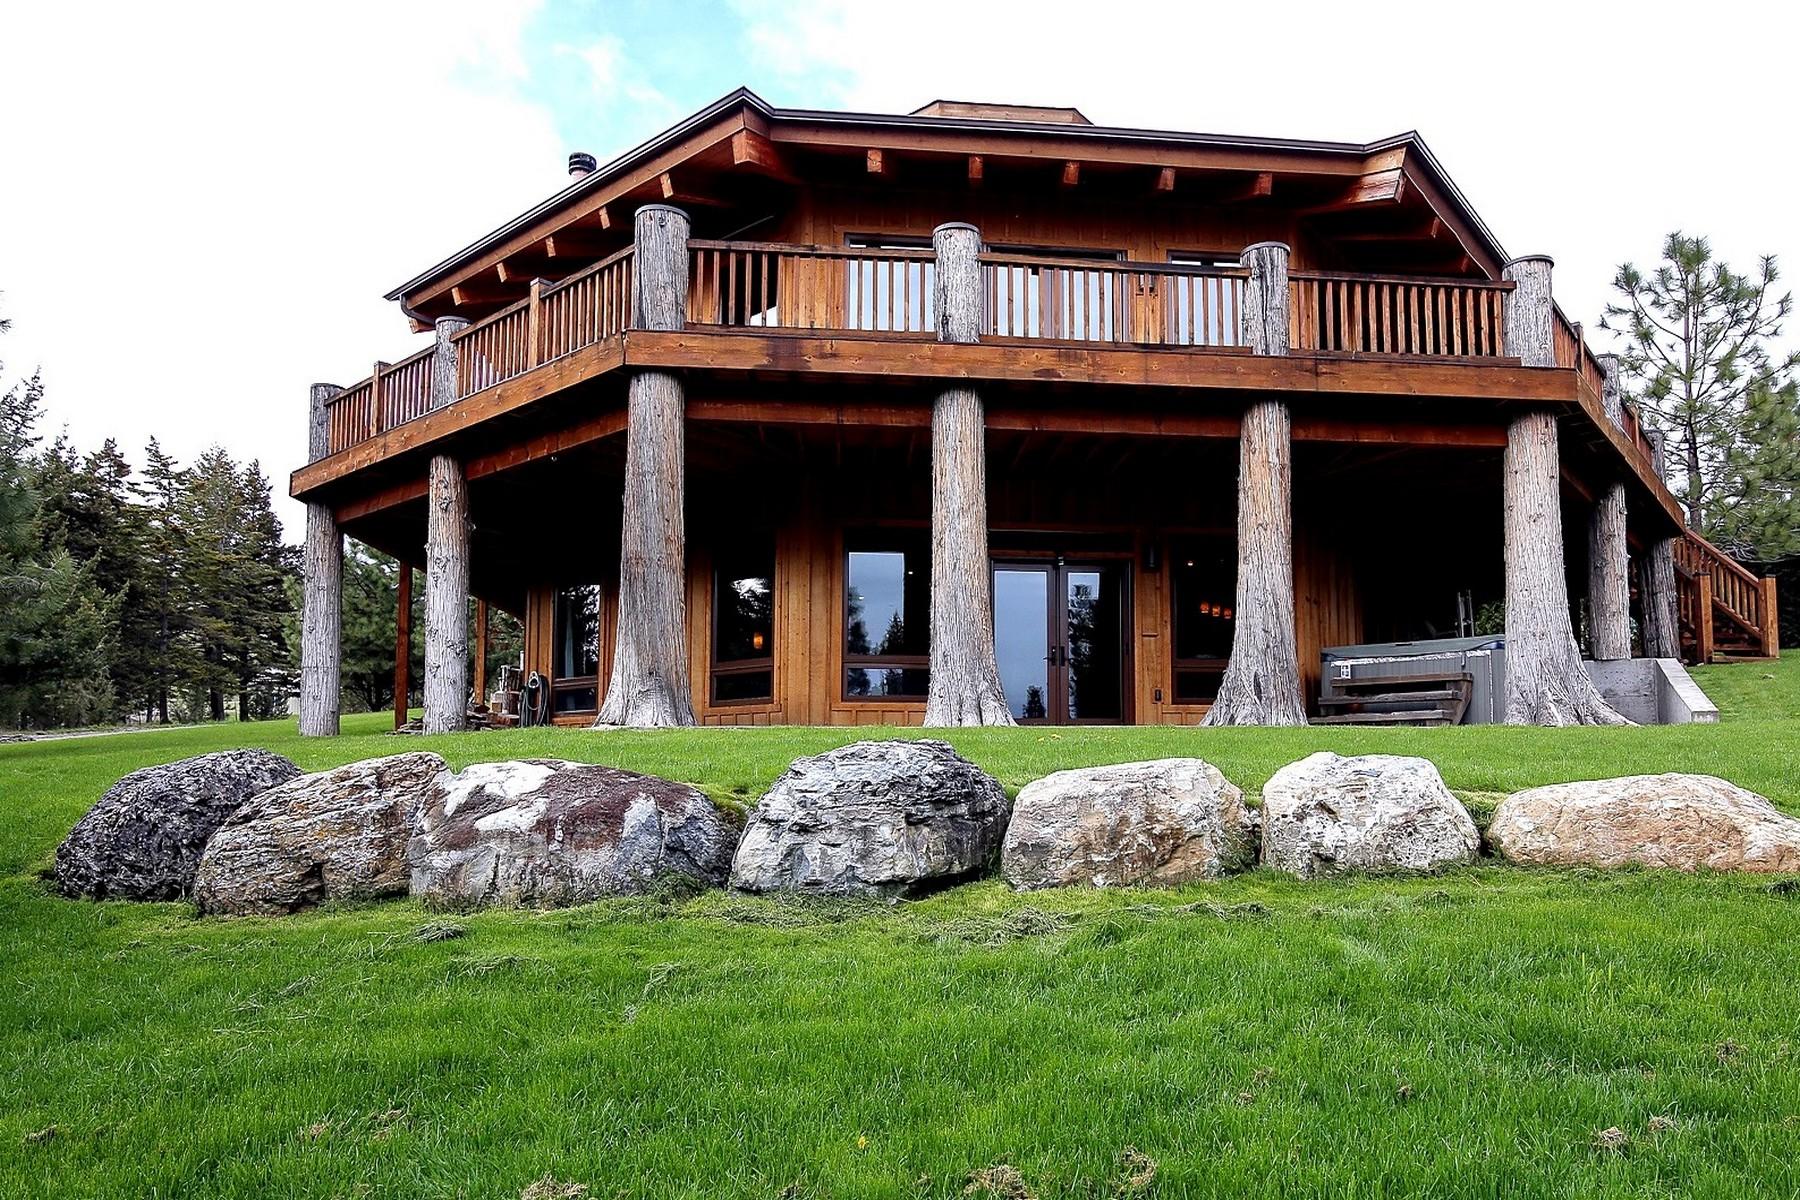 Частный односемейный дом для того Продажа на 42468 Juniper Shores , Dayton, MT 59914 42468 Juniper Shores Ln Dayton, Монтана, 59914 Соединенные Штаты